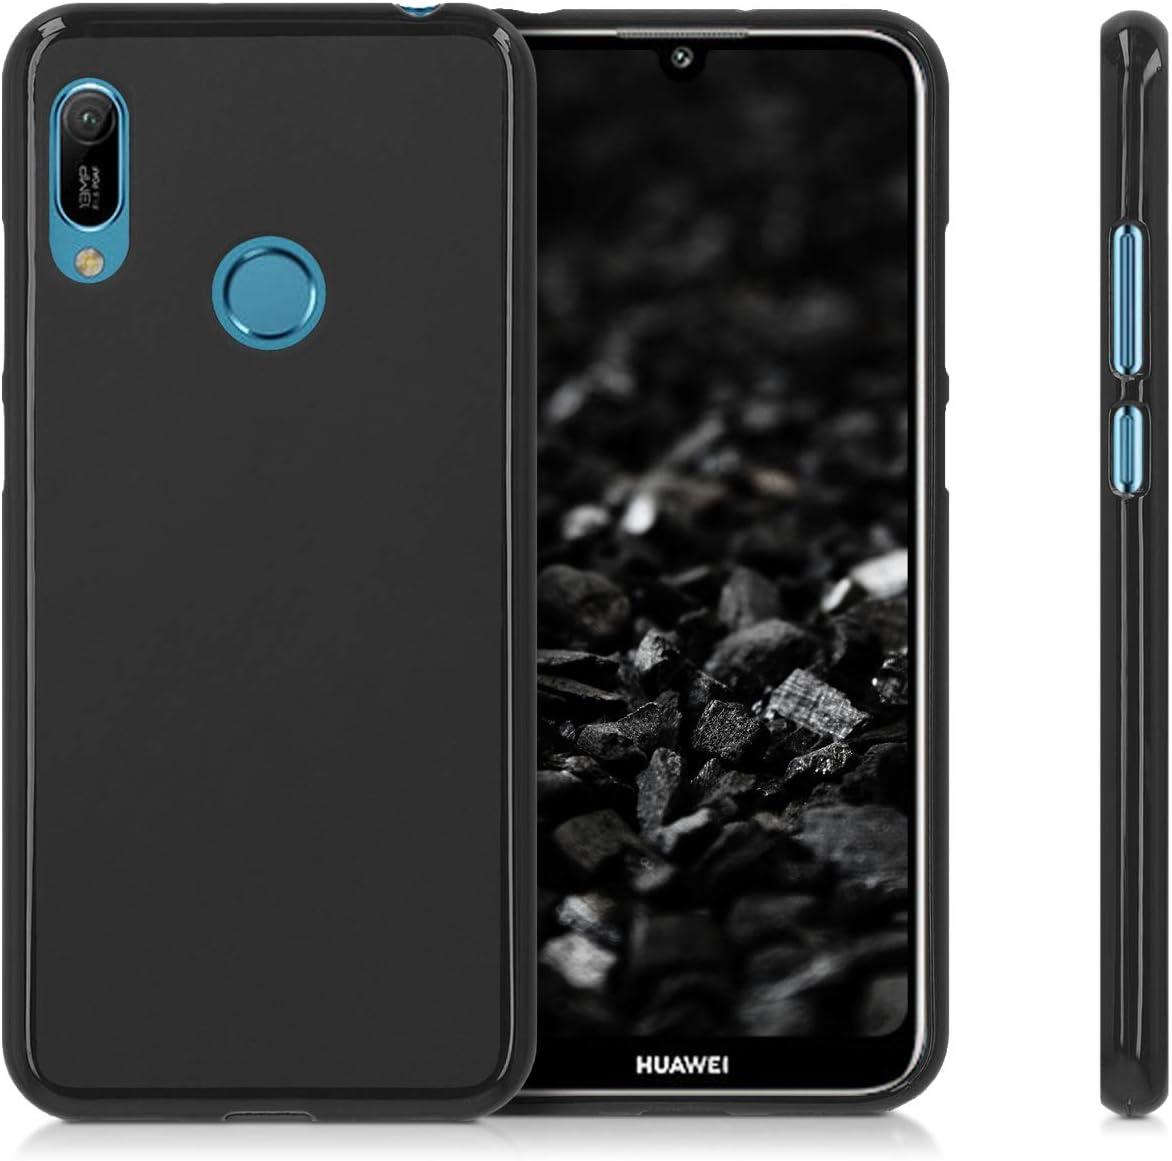 - Coque pour Huawei Y6 - Housse de t/él/éphone en Silicone dor/é-Gris-Transparent 2019 2019 kwmobile Coque Huawei Y6